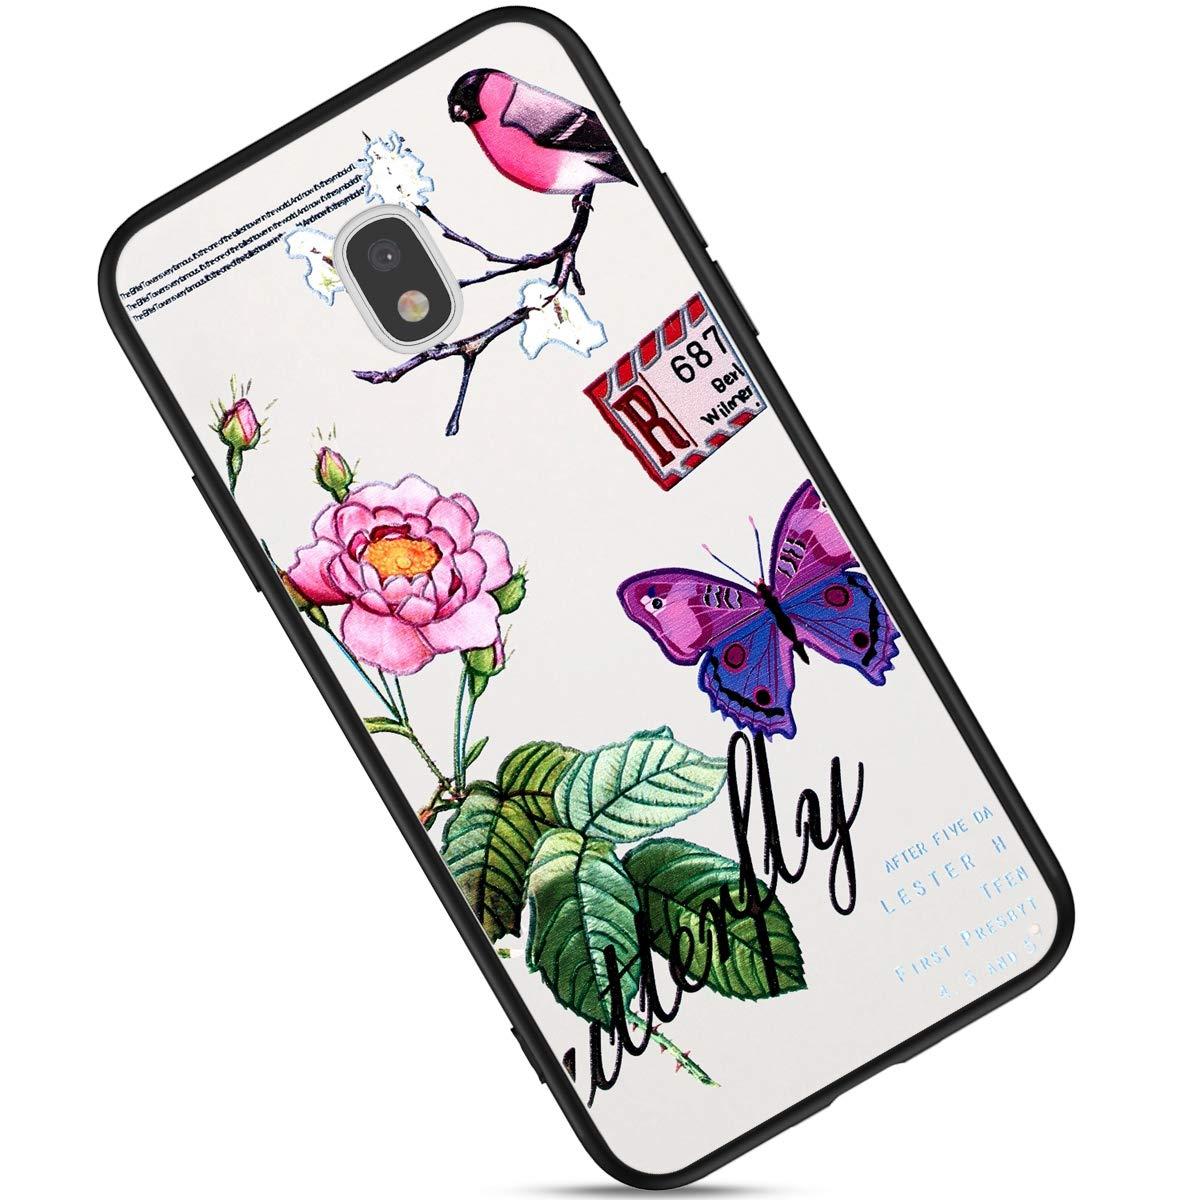 Custodia Compatibile con Samsung Galaxy J3 2017 J330 Cover Silicone Morbido,Brillantini Fiori Farfalla Cover Painted Pattern Bianca Silicone TPU e PC Ultra Slim Sottile Anti-Scratch Case